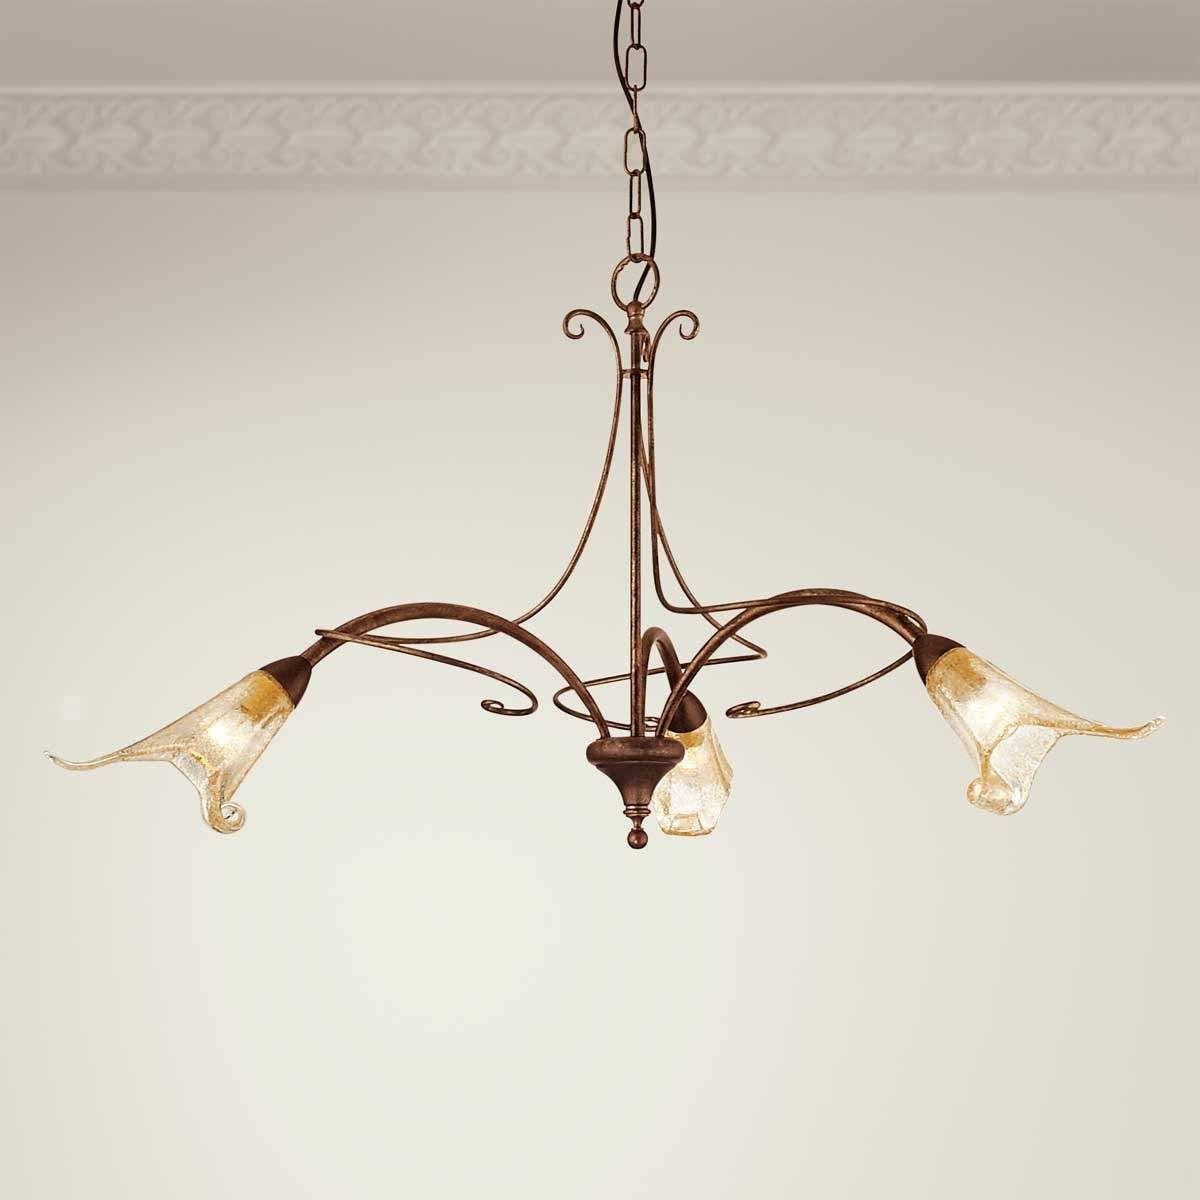 Suspension Riccardo A 3 Lampes Hangeleuchte Deckenleuchten Beleuchtung Decke